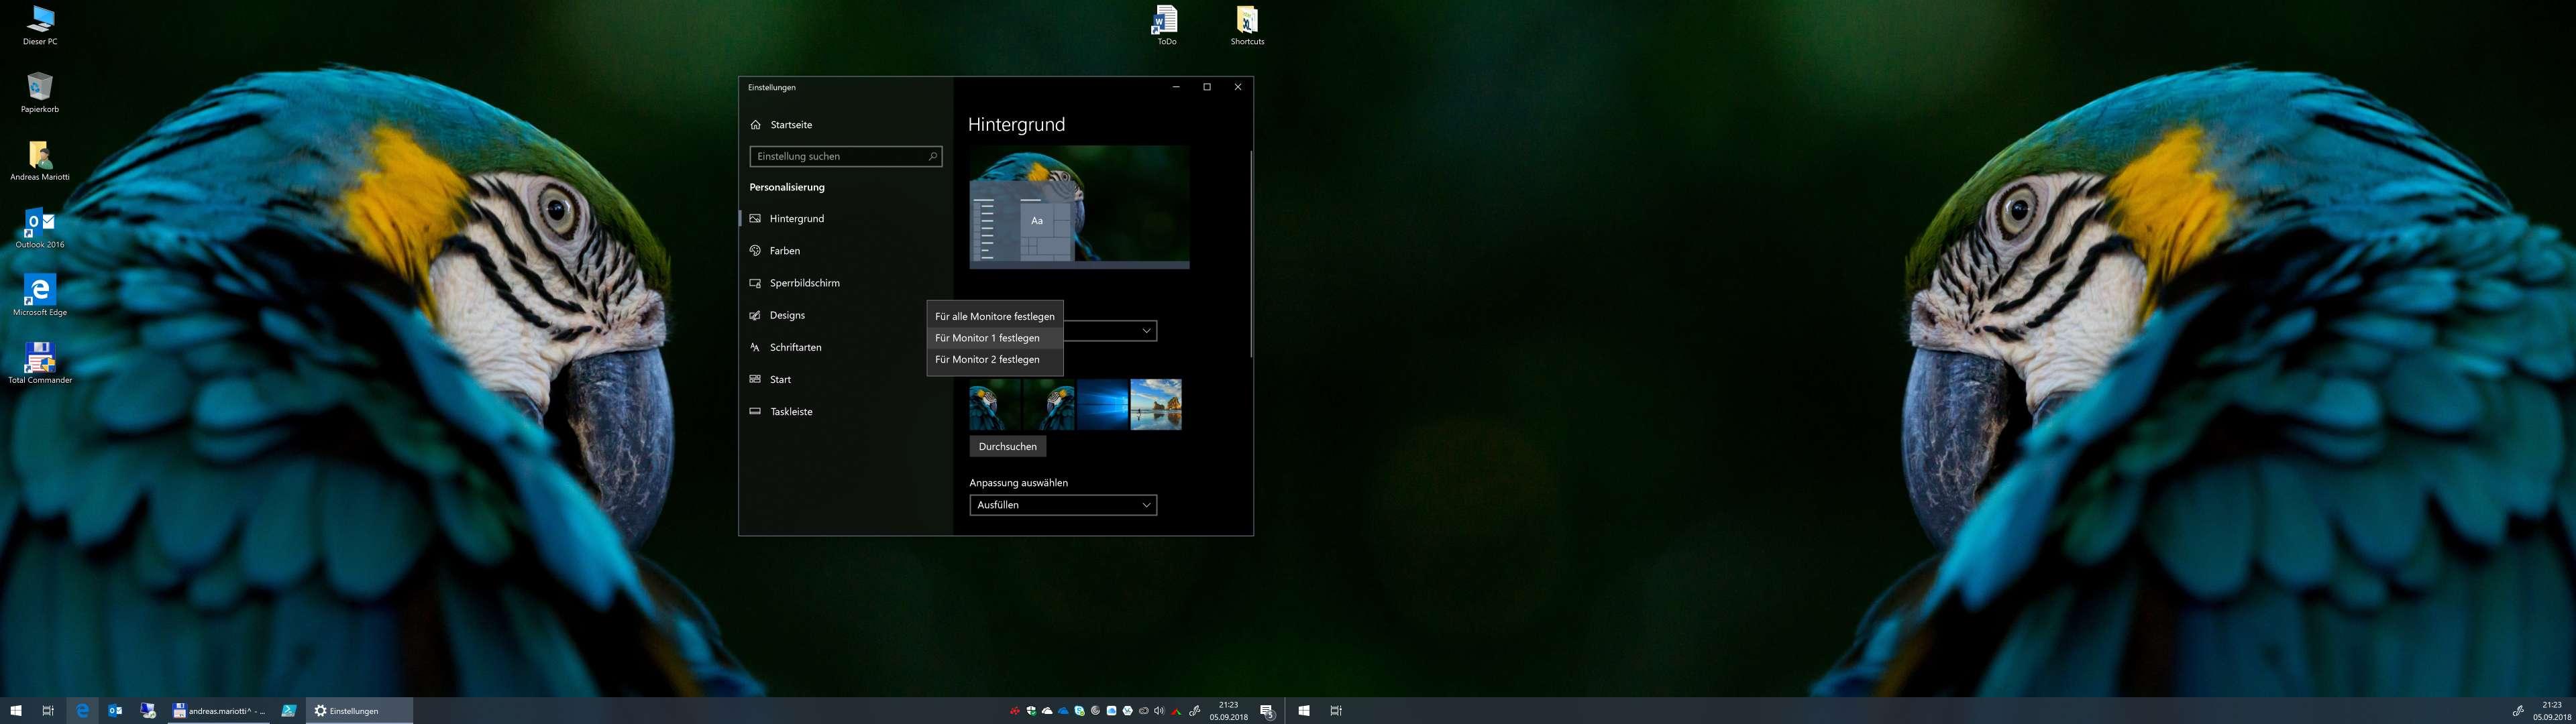 Windows 10 mehrere desktops verschiedene hintergrunde